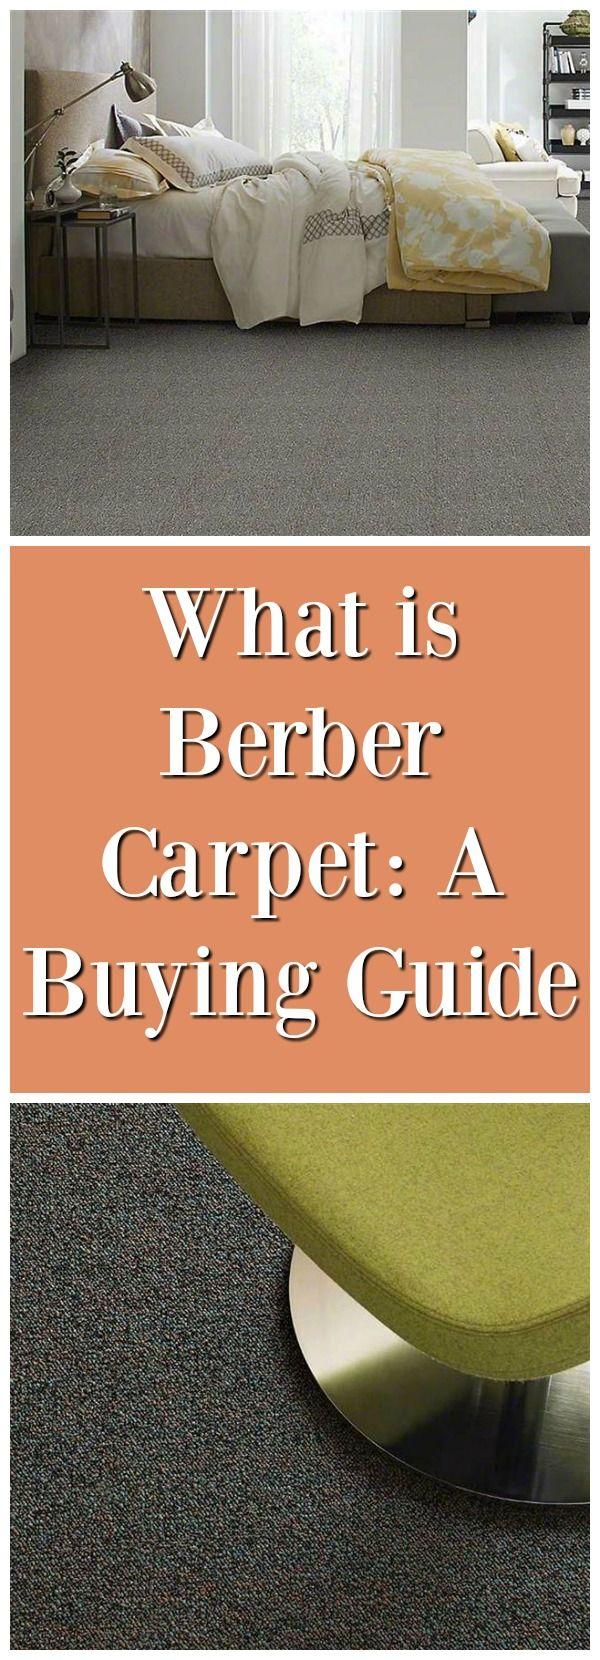 les 25 meilleures id es de la cat gorie secret berbere sur pinterest tapis obsession mondial. Black Bedroom Furniture Sets. Home Design Ideas